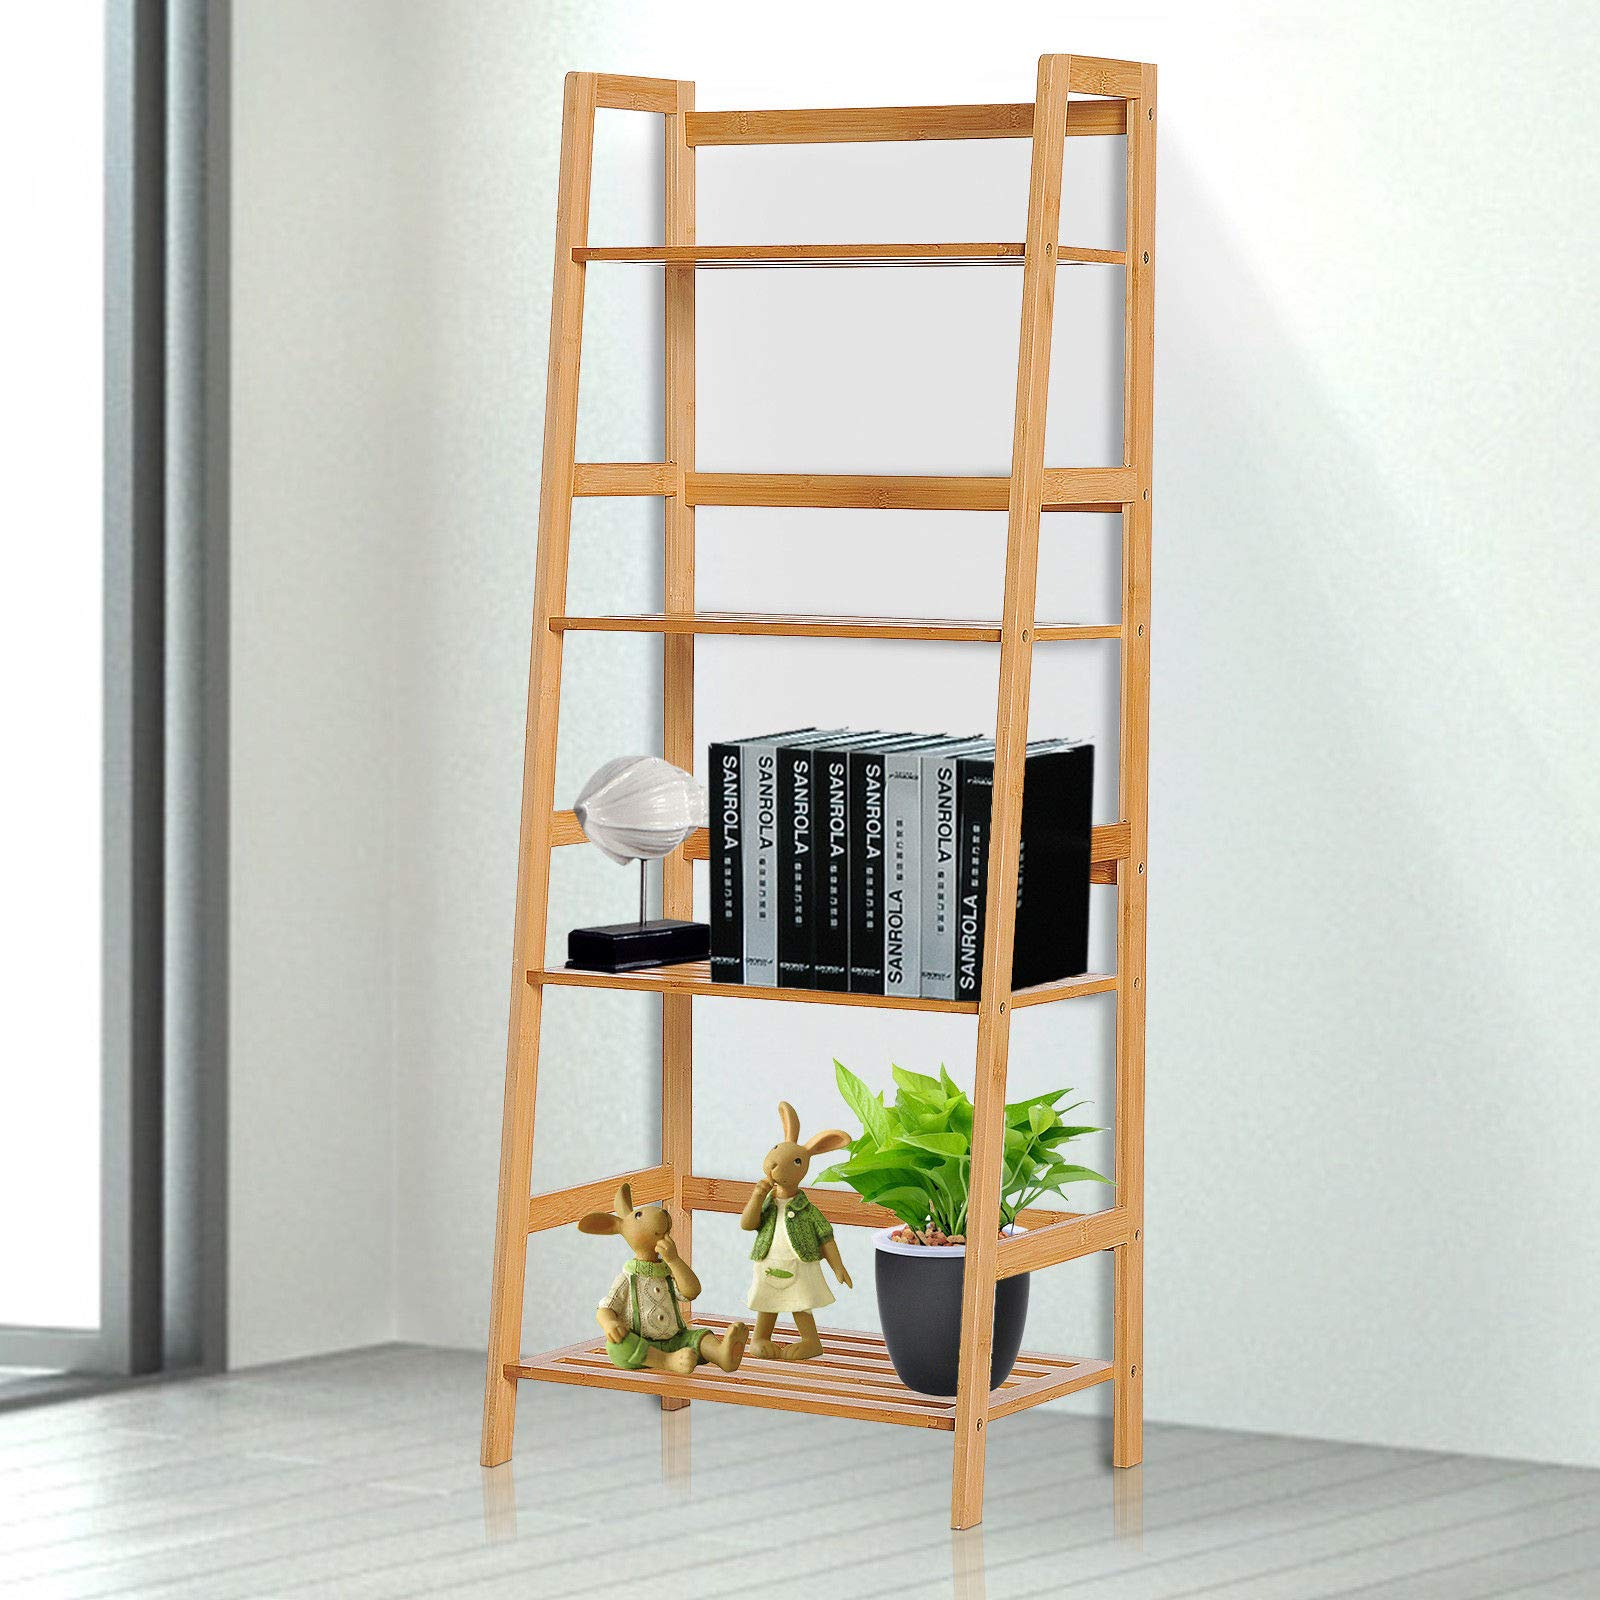 Estantería para librería Mboo Lad, estantería de Escalera para Bricolaje y estantes, Soporte para Plantas de Estudio con Escalera de bambú y Soporte H para Plantas: Amazon.es: Electrónica